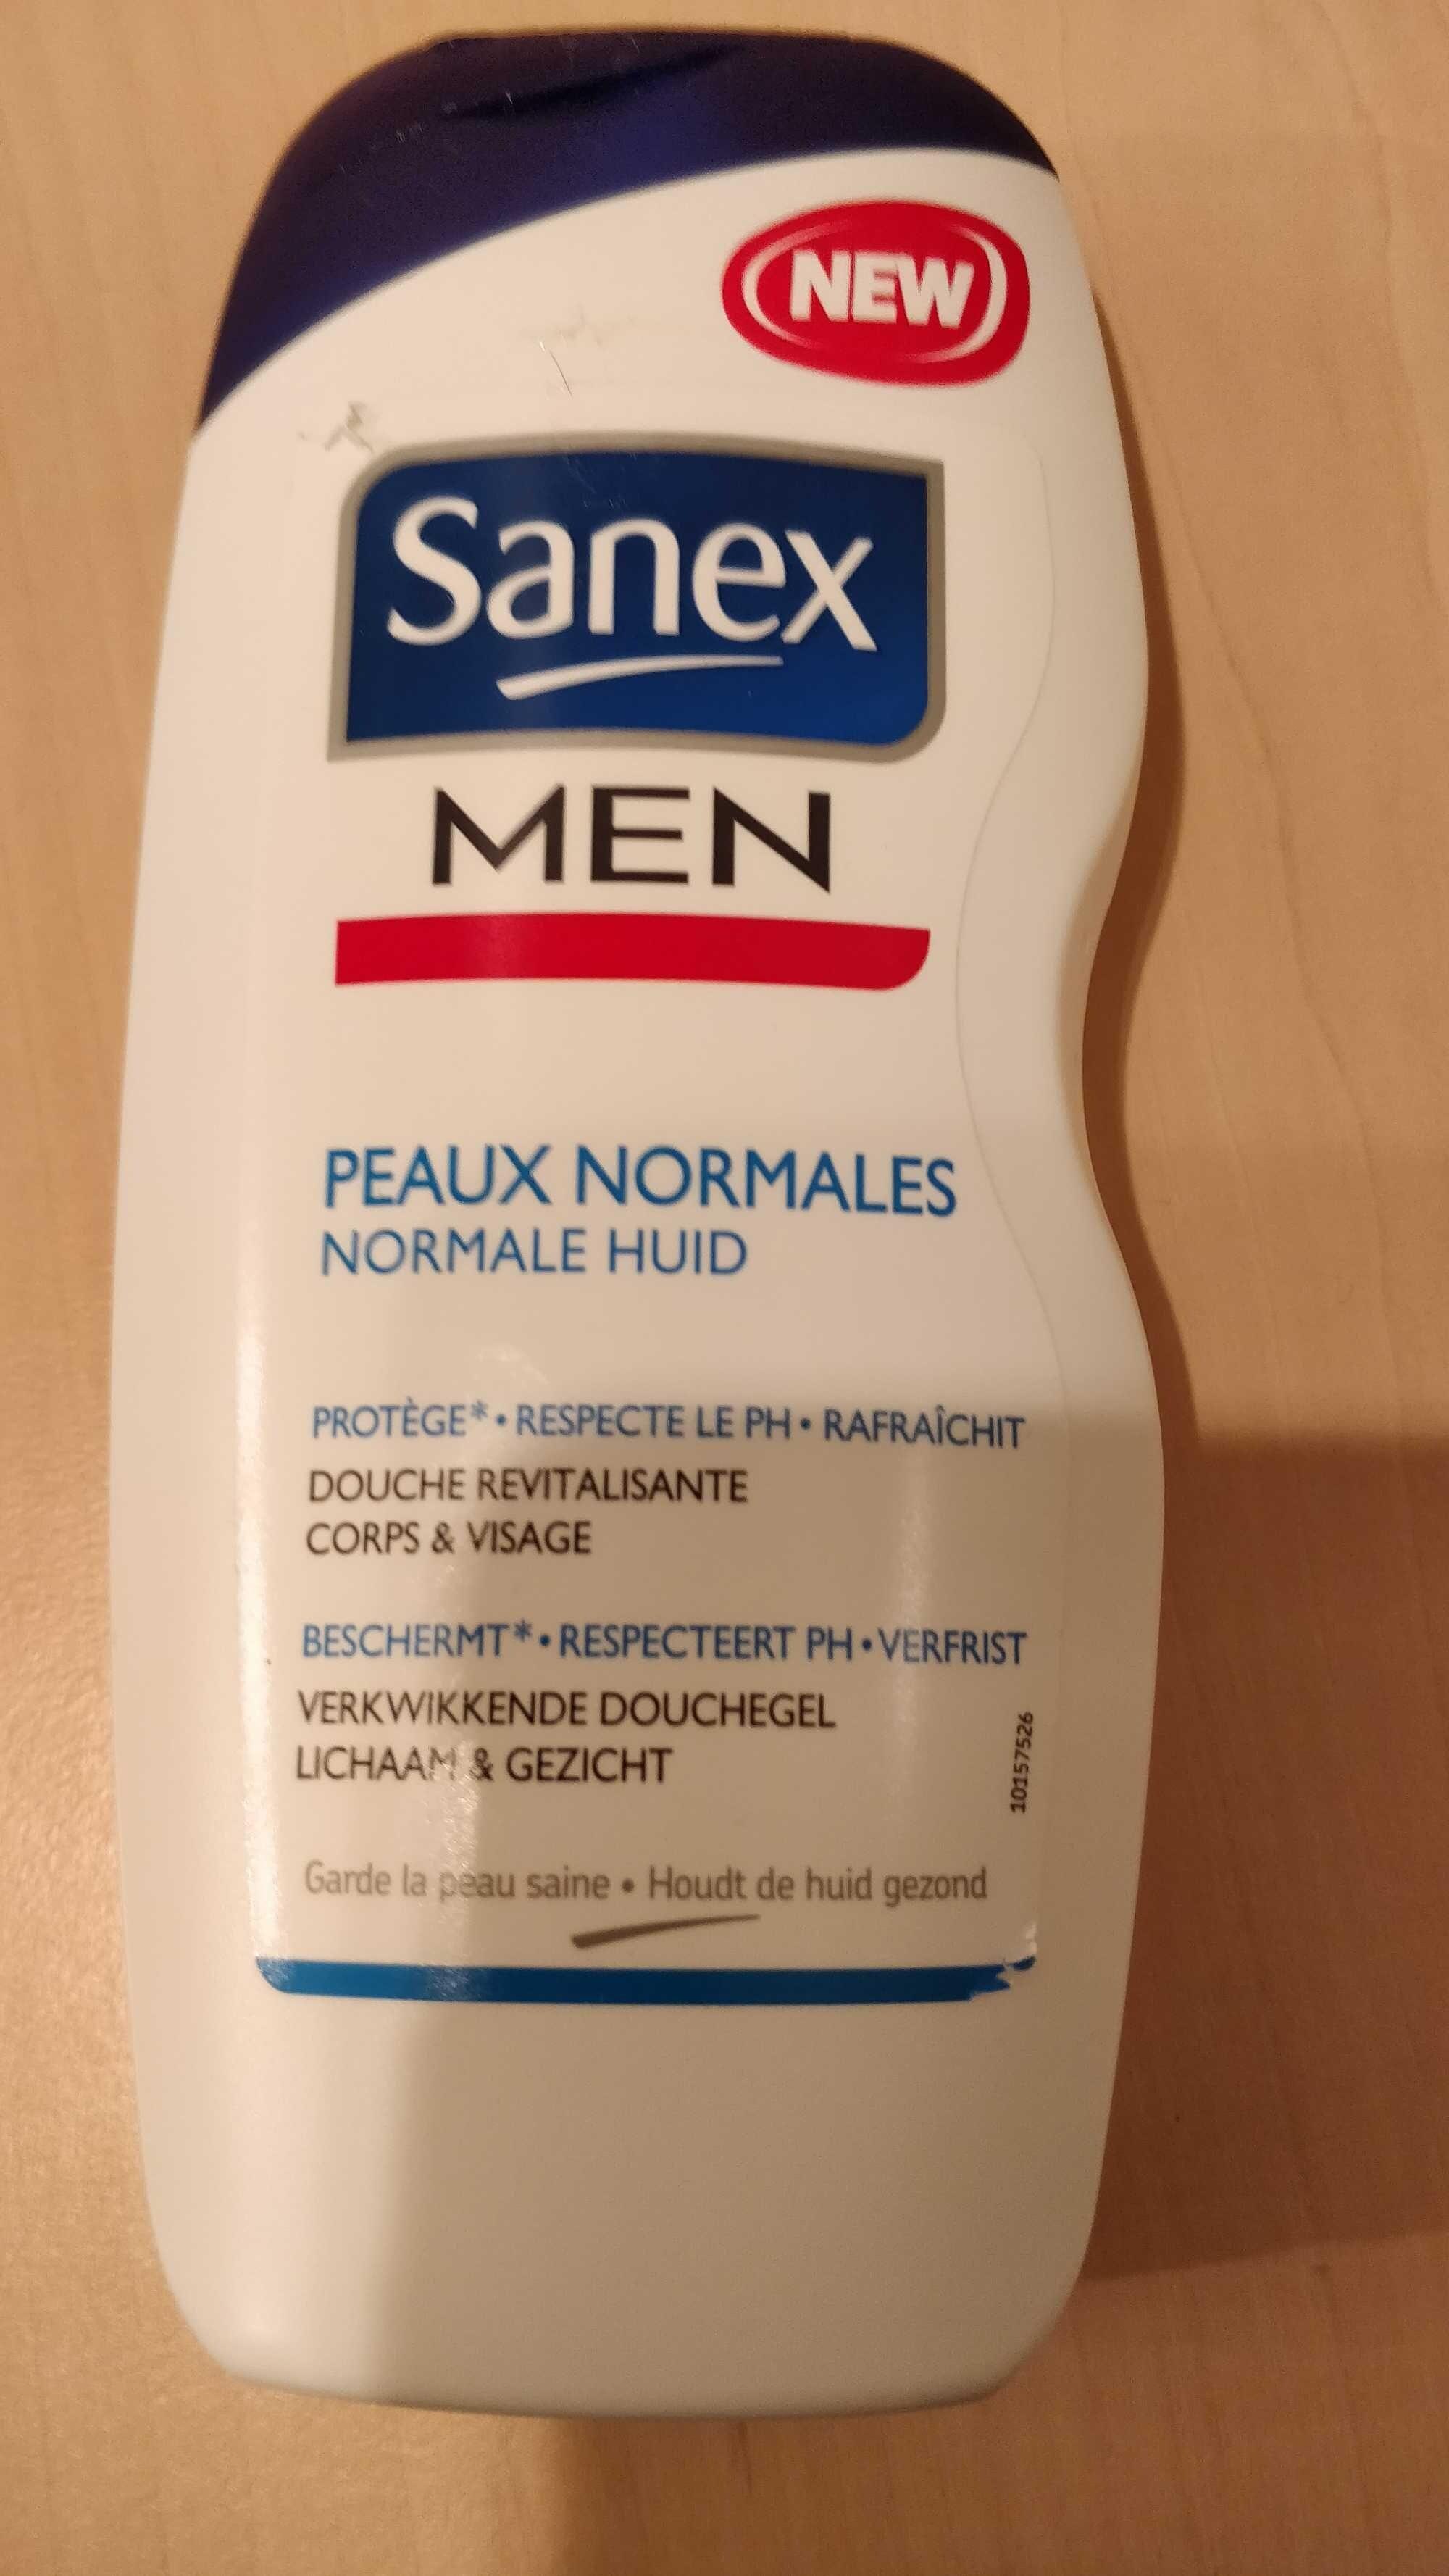 Sanex Men Peaux Normales - Product